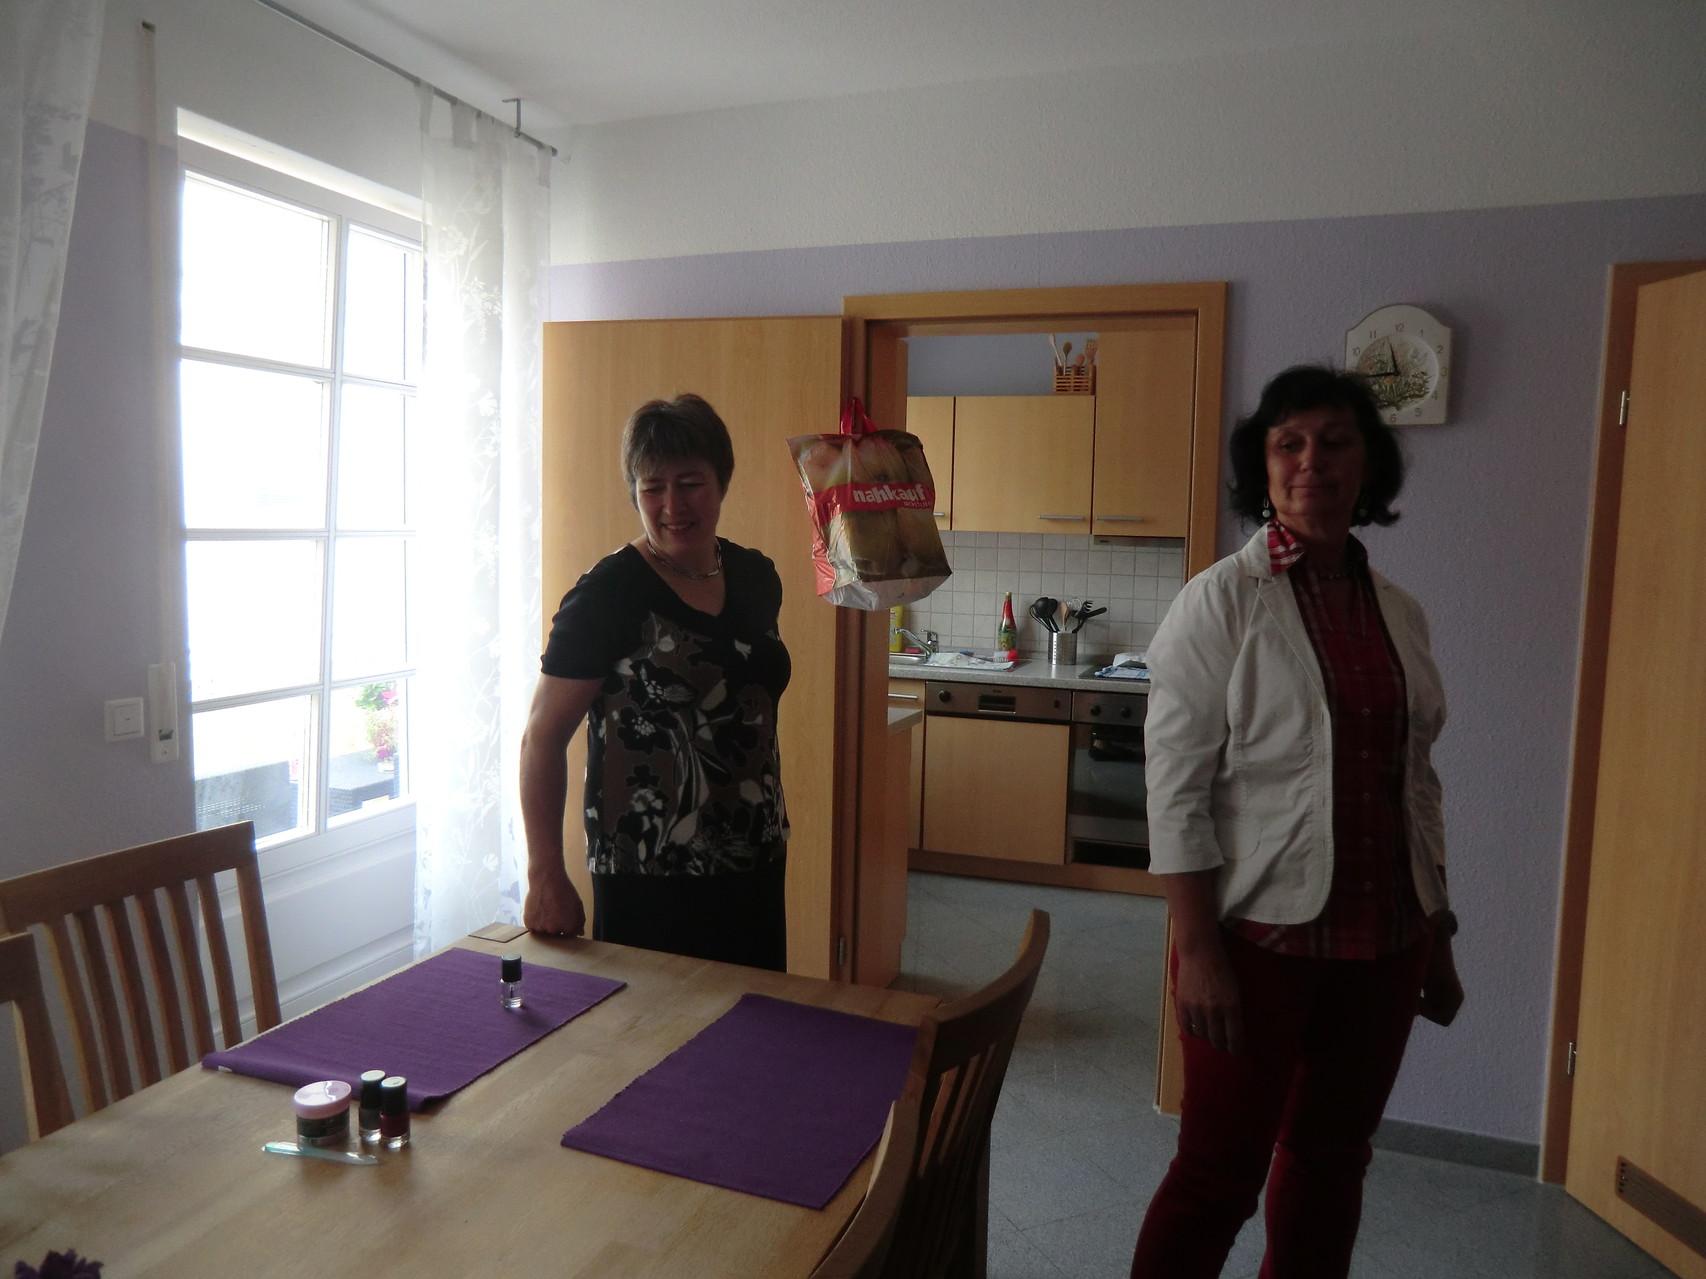 ein Esszimmer, für meherer Schlafzimmer, hier können sich betroffene Mütter untereinander austauschen